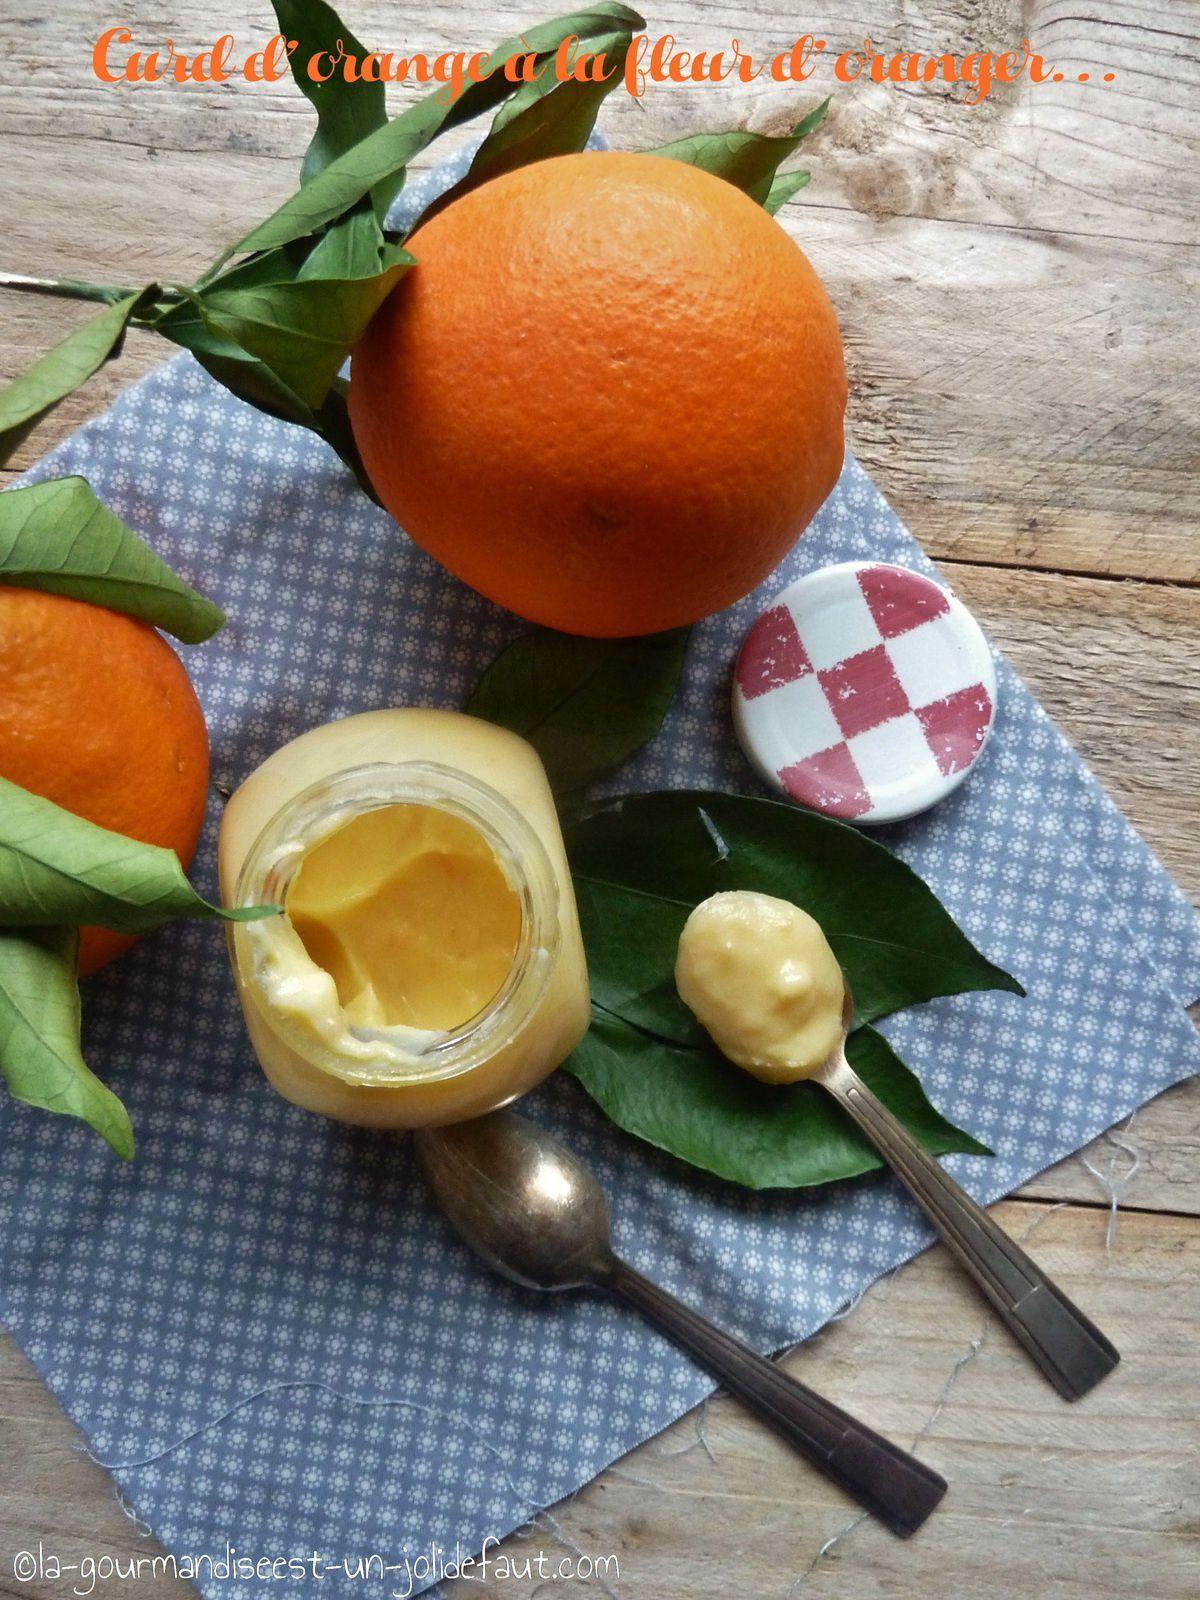 Curd d'orange à la fleur d'oranger